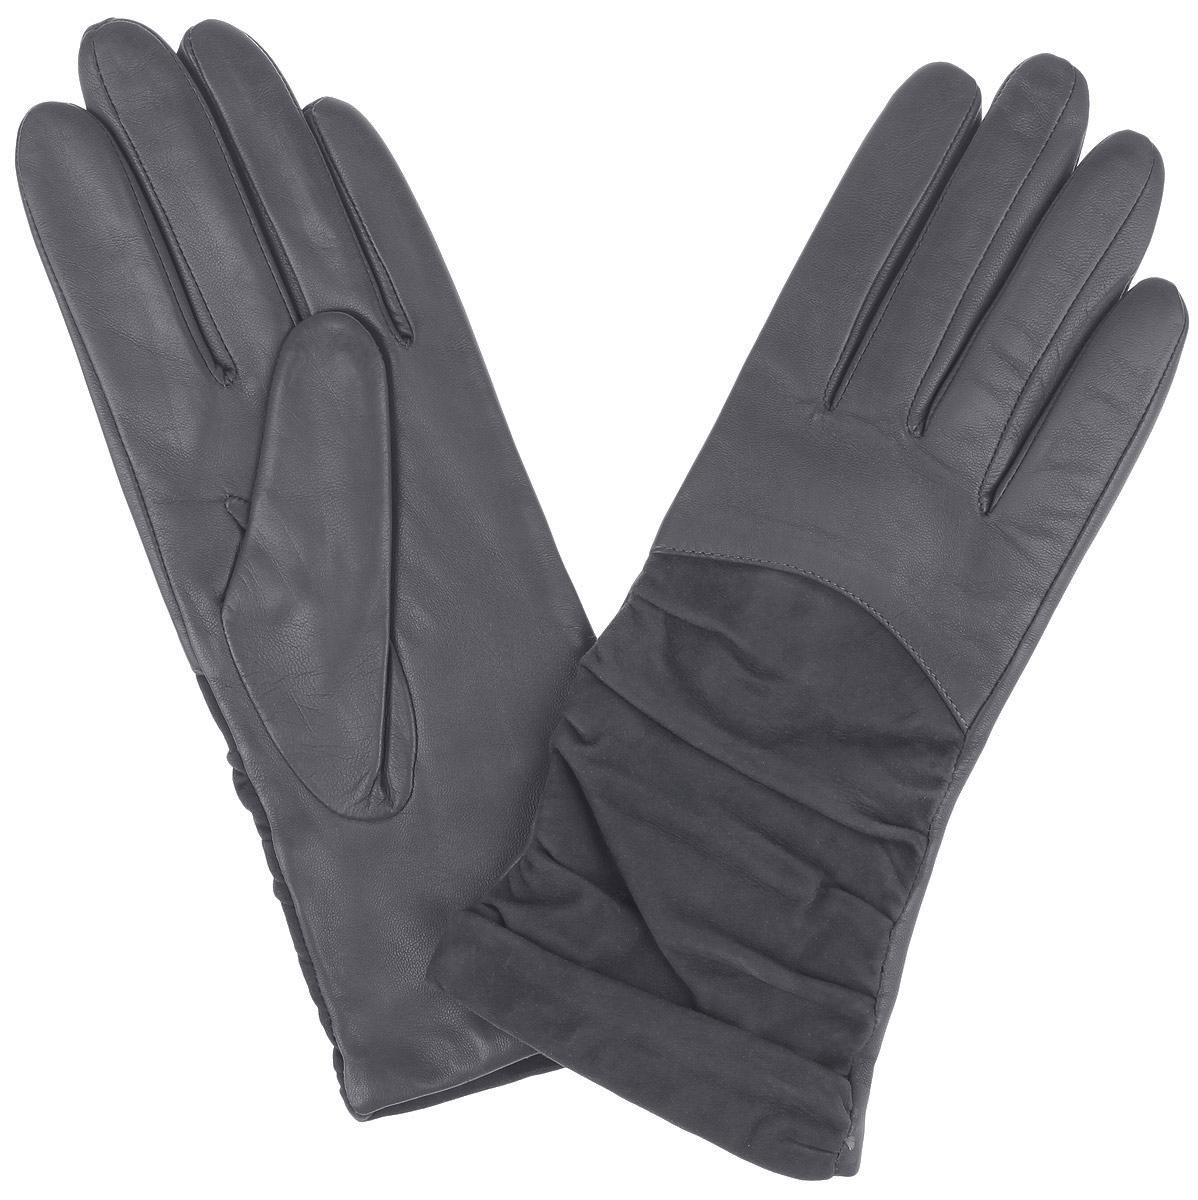 Перчатки9.10-9 greyВеликолепные женские перчатки Fabretti станут незаменимым аксессуаром в вашем гардеробе. Перчатки выполнены из чрезвычайно мягкой и приятной на ощупь эфиопской перчаточной кожи ягненка, а их подкладка - из шерсти с добавлением кашемира. С лицевой стороны изделие оформлено замшей с декоративной сборкой. Создайте элегантный образ и подчеркните свою яркую индивидуальность новым аксессуаром!